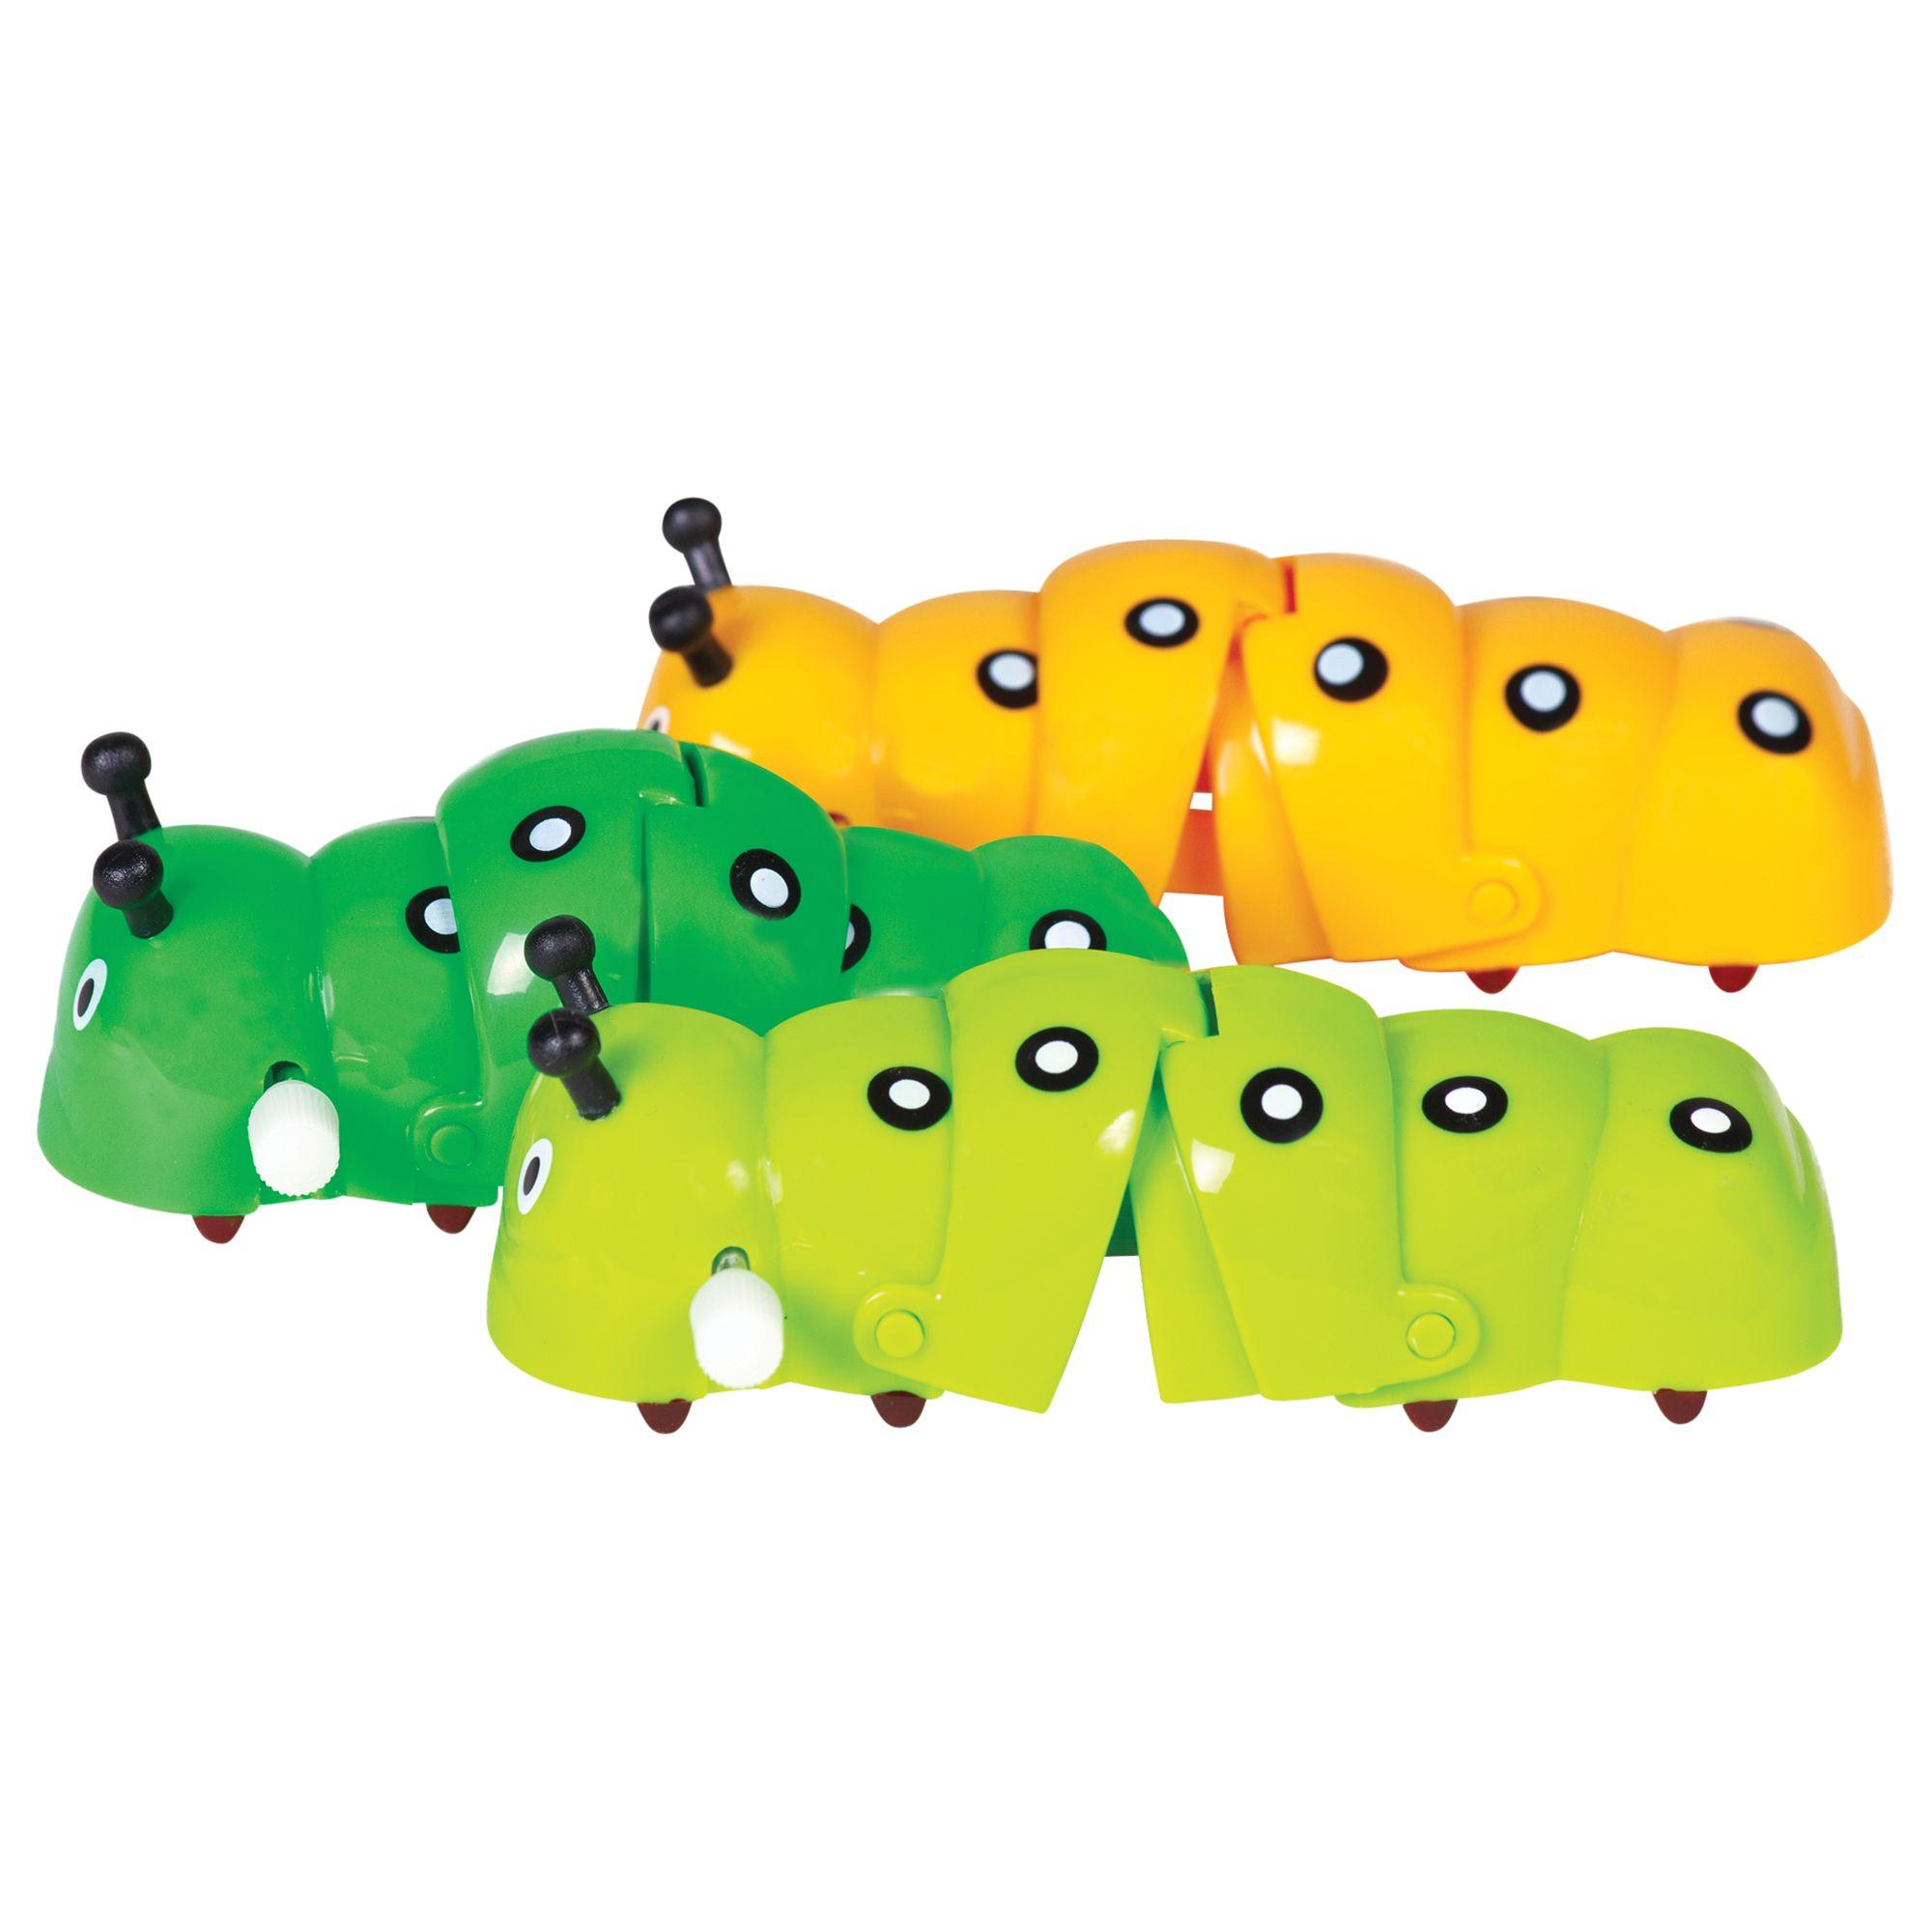 Keycraft Wind-Up Caterpillar, Assorted